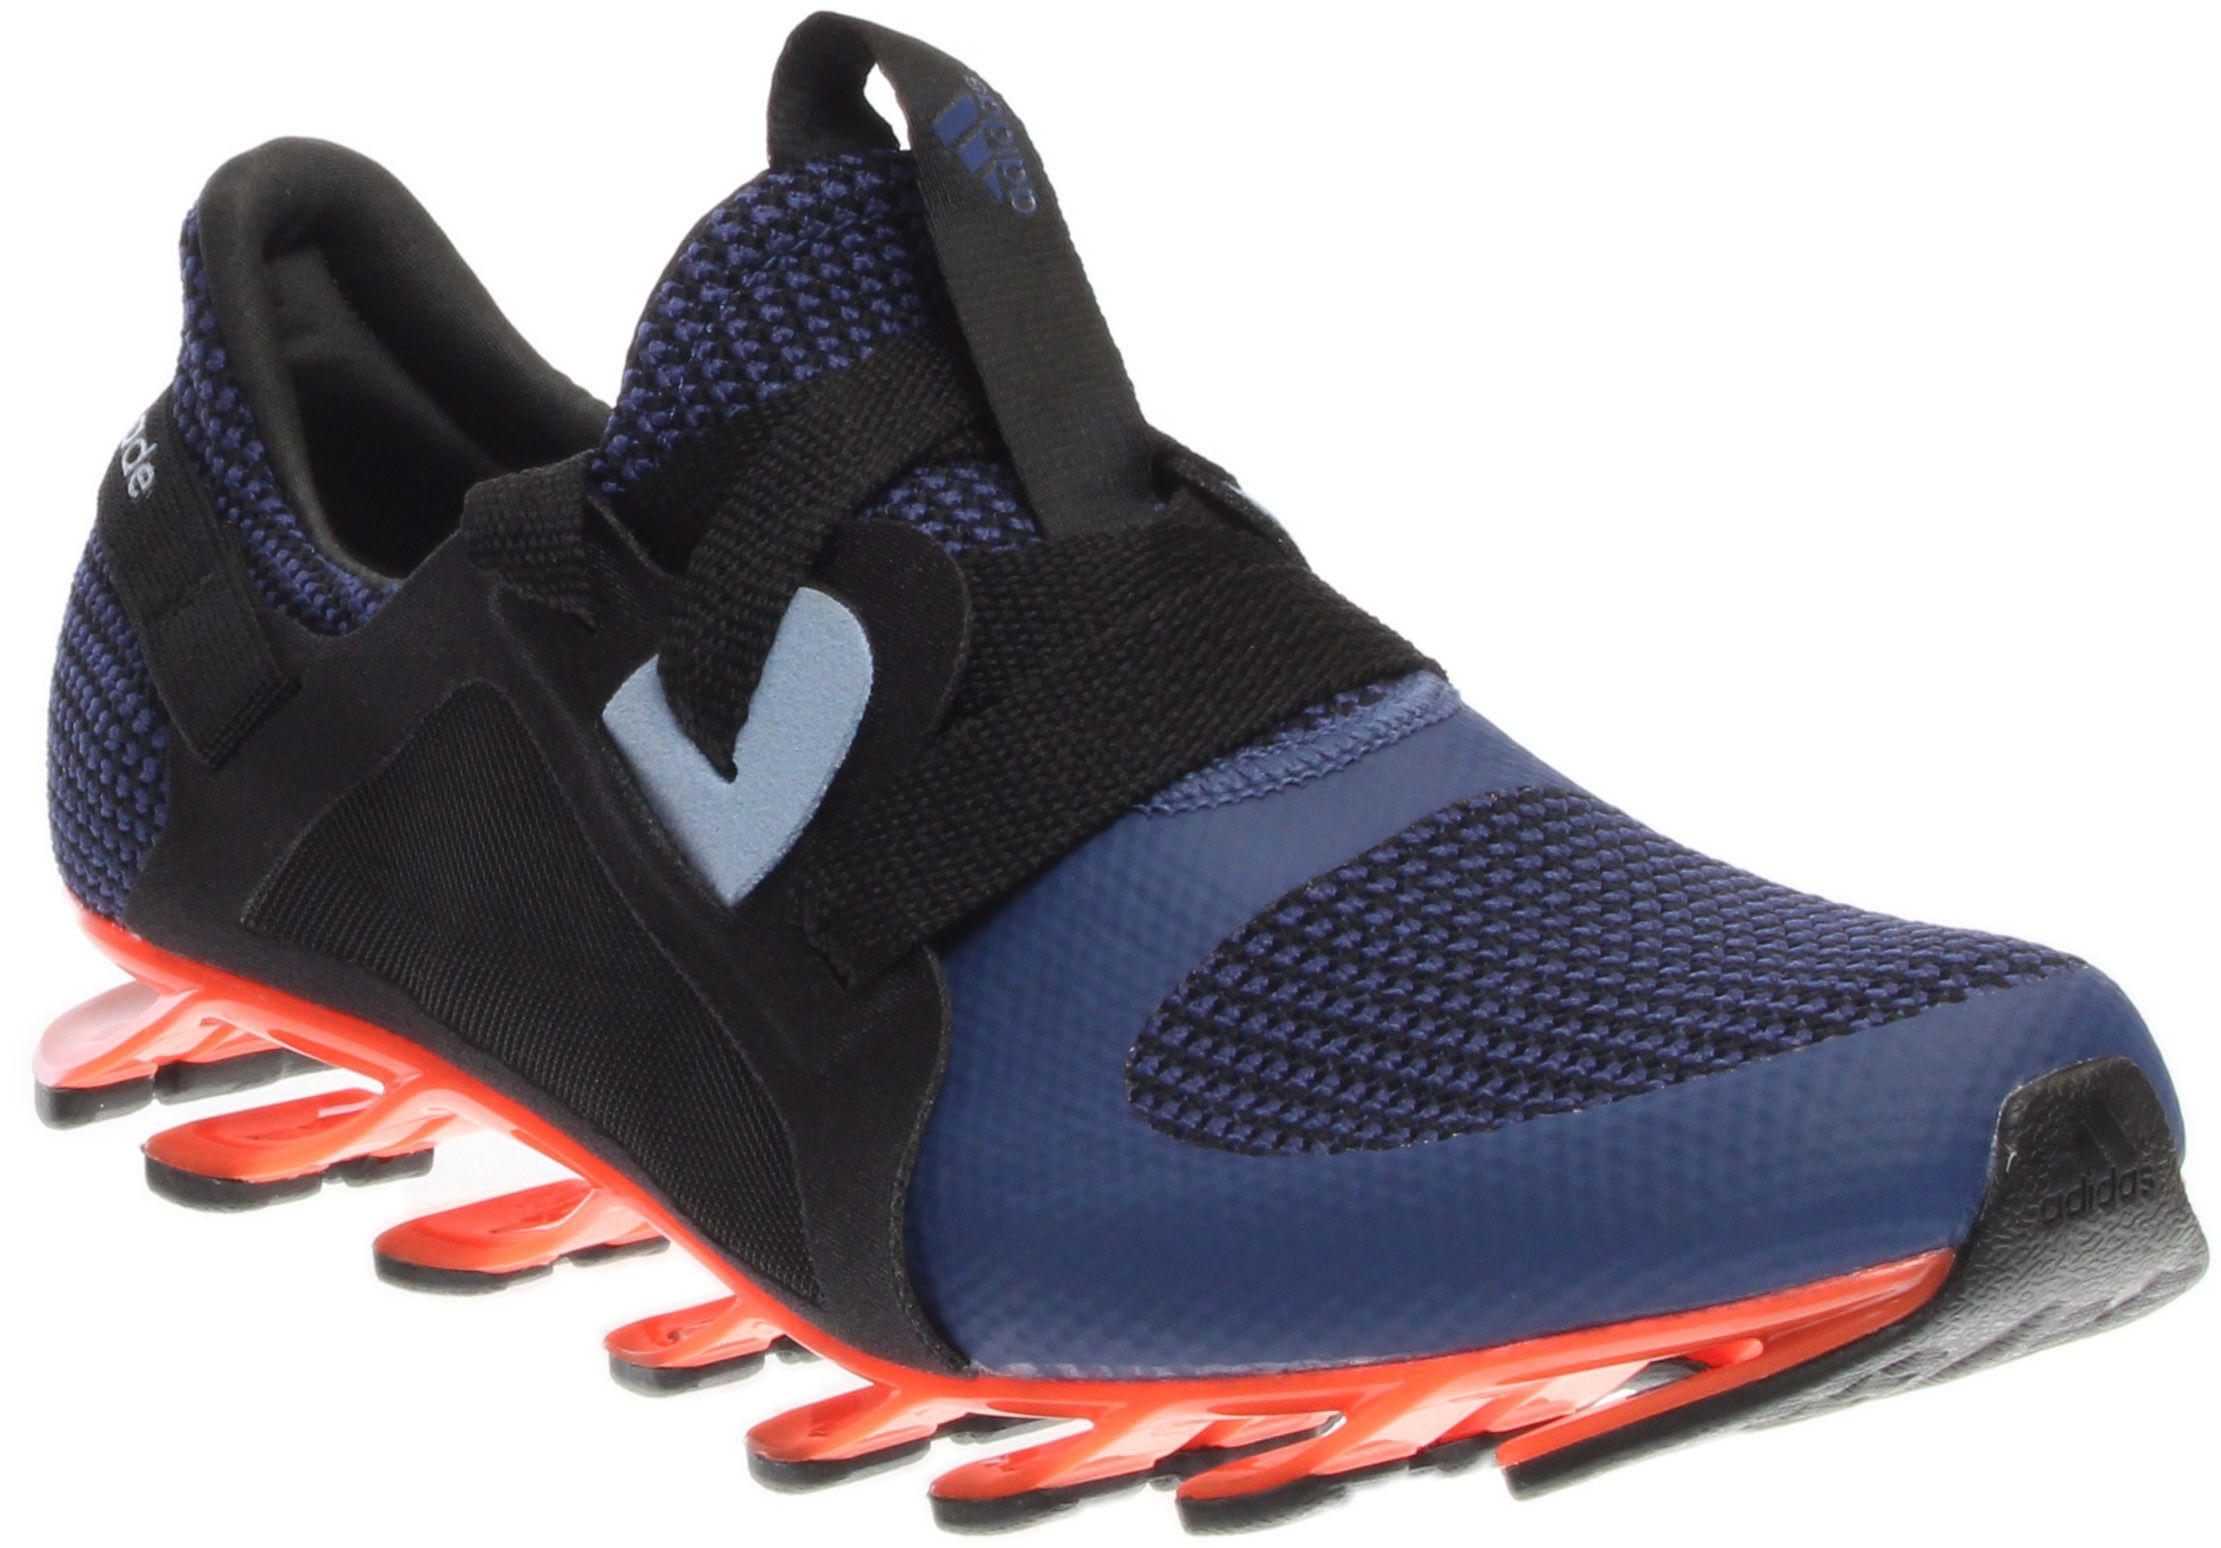 5844a5273638a6 ... order Lyst - Adidas Springblade Nanaya in Black for Men 0f7f2 7a90a ...